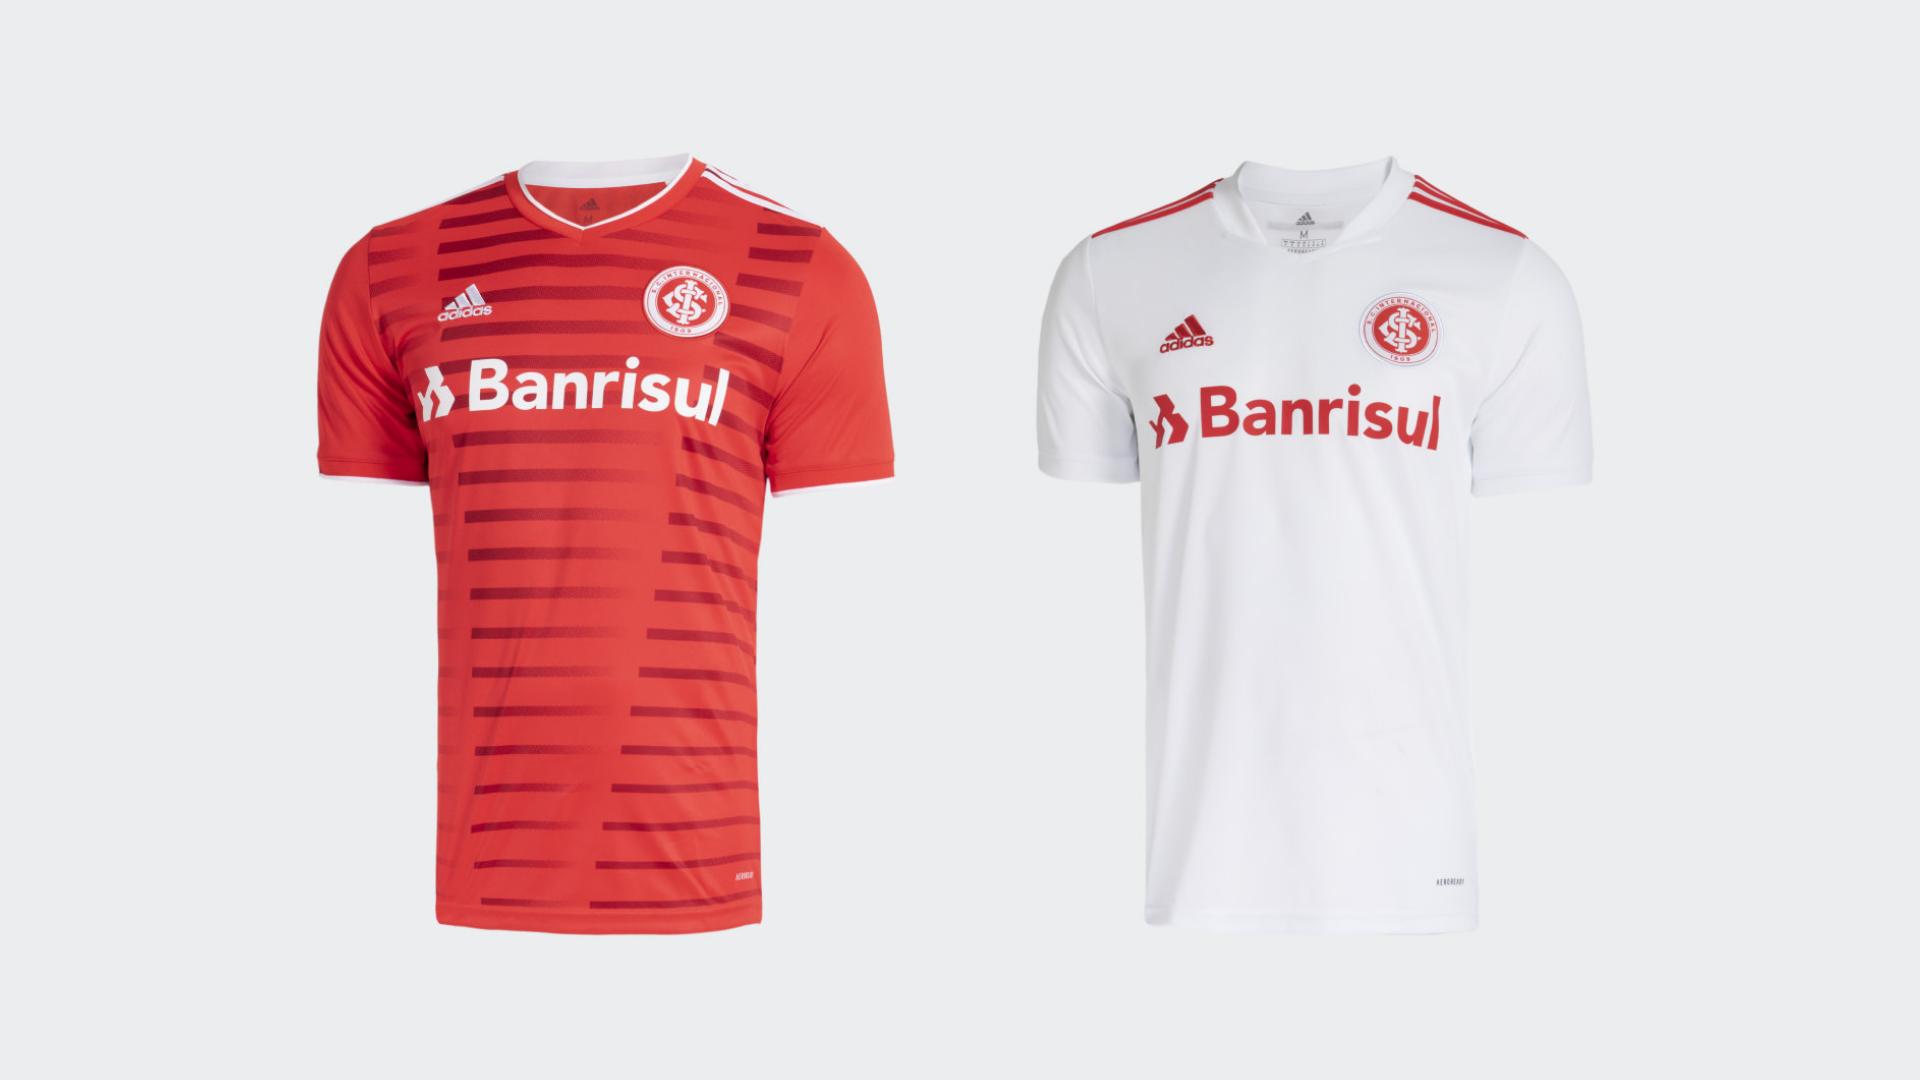 Camisa do Internacional 2021 Adidas Jogo 1 e 2 (Imagem: Divulgação/Adidas)